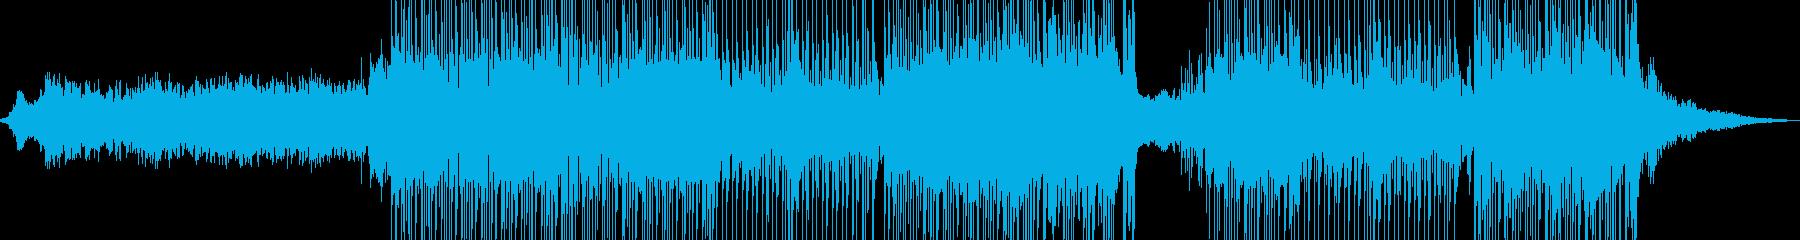 琴・レトロな演歌調ポップ 長尺+★の再生済みの波形